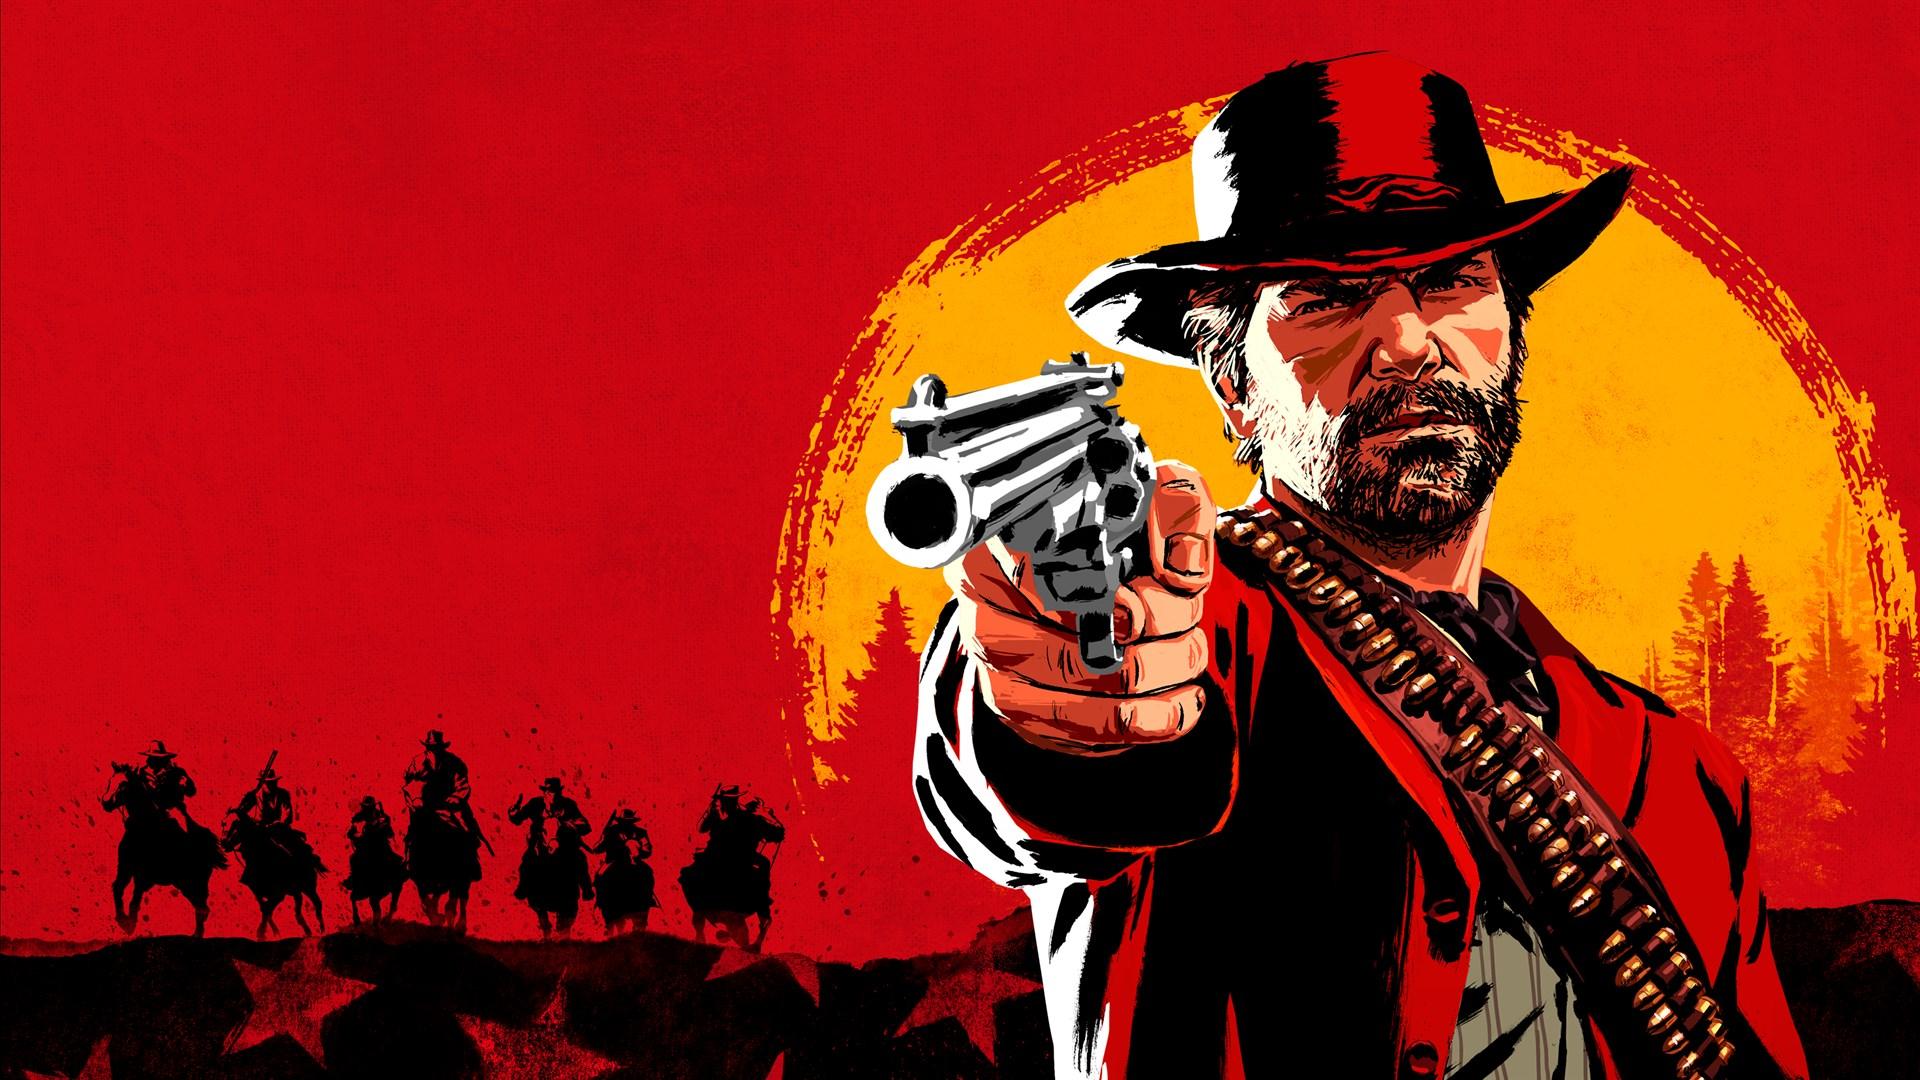 Футбольный клуб Спартак сделал арт наоснове Red Dead Redemption 2. Будутли проблемы сRockstar?